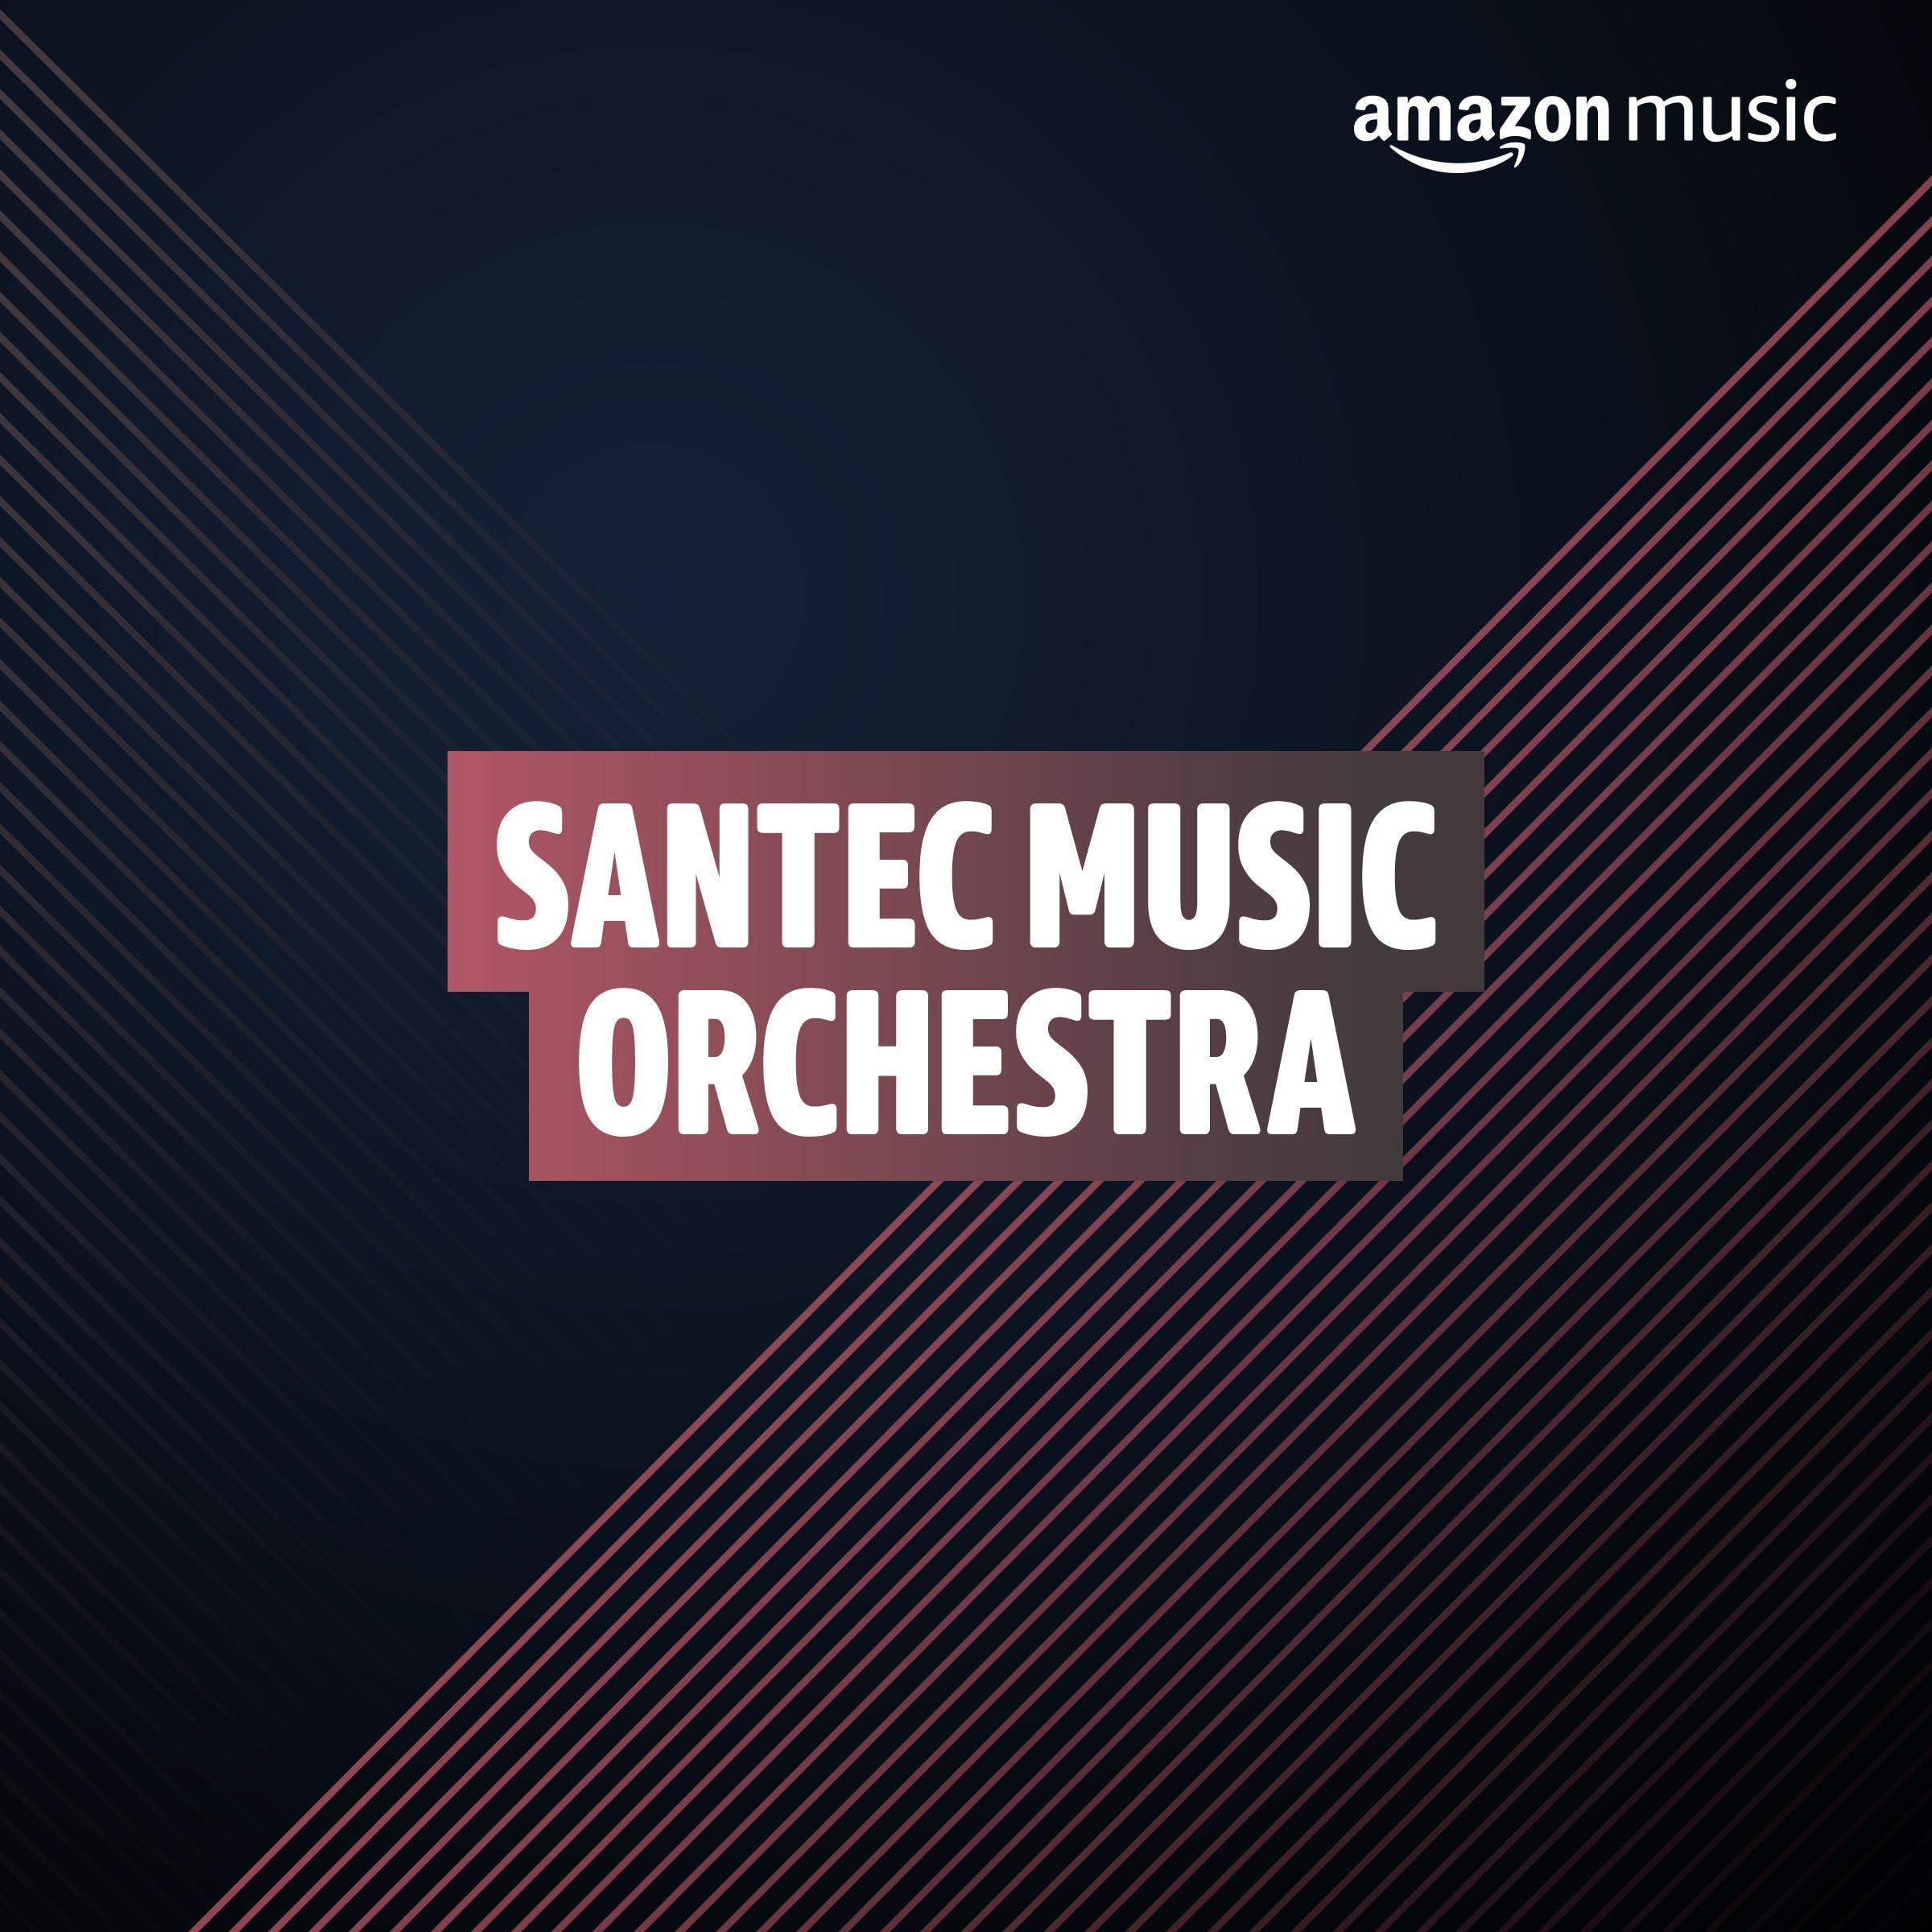 Santec Music Orchestra